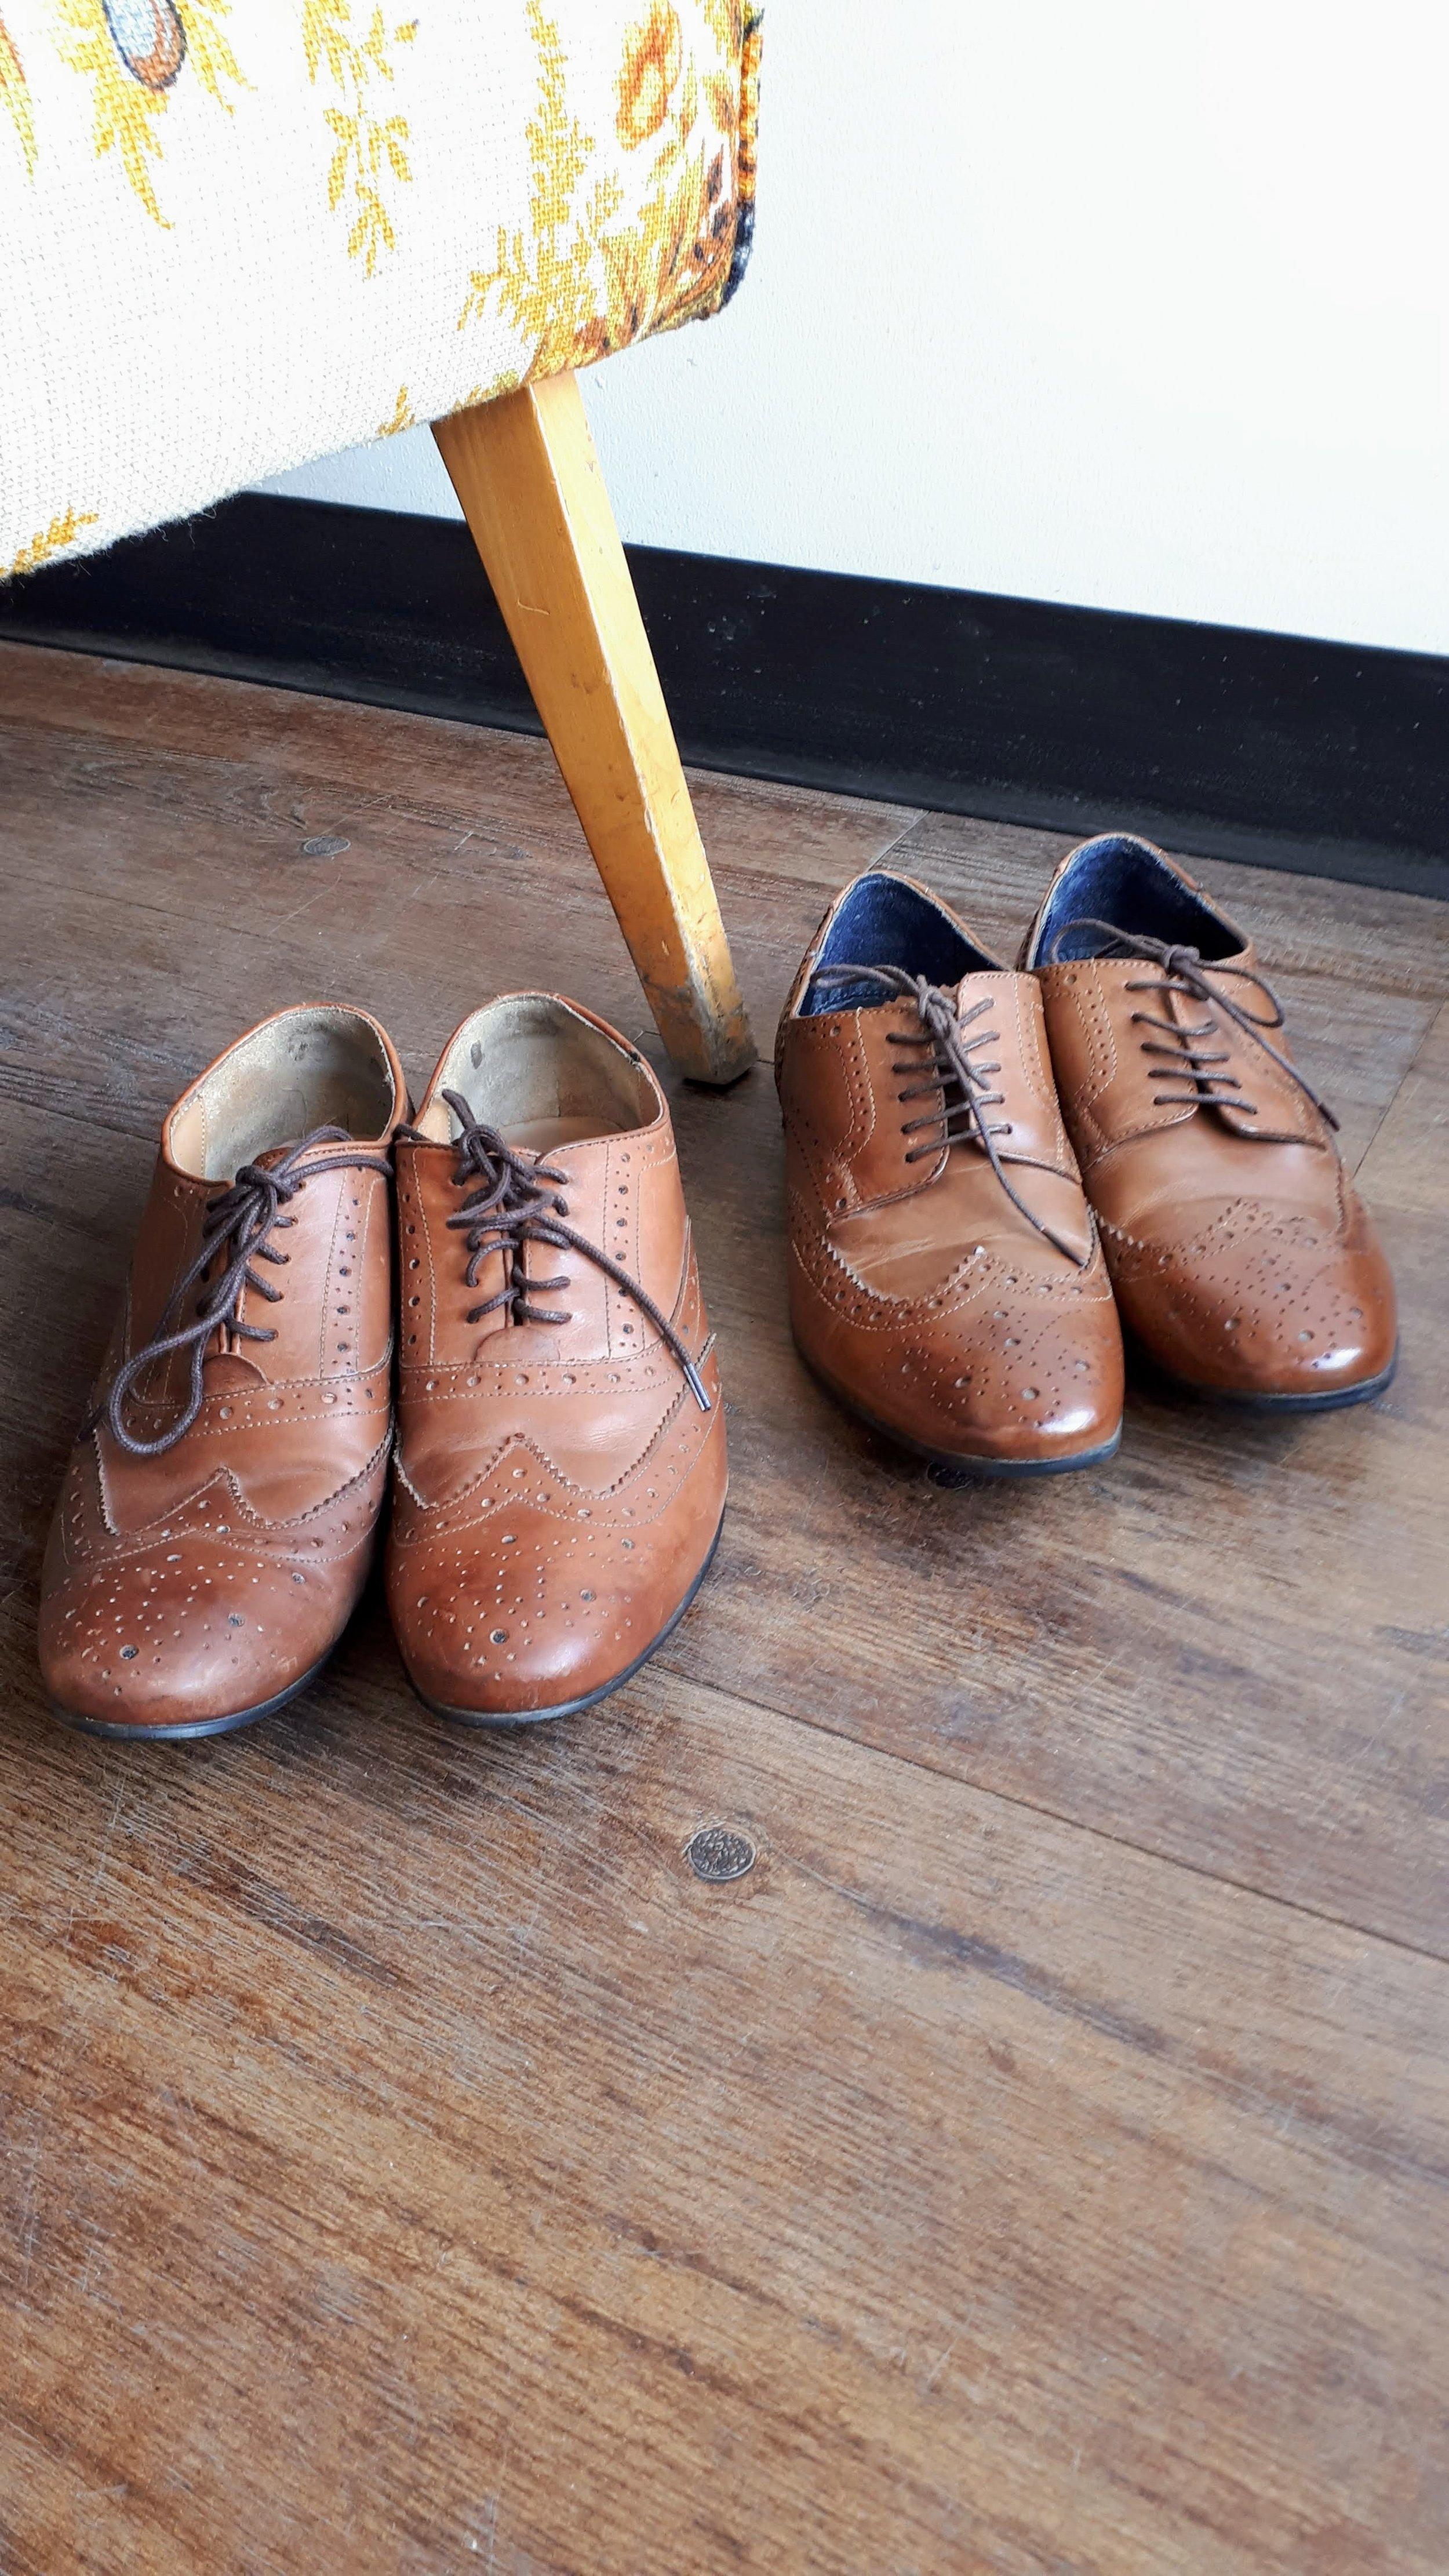 Topman shoes; mens S8 & S8.5, $38 each